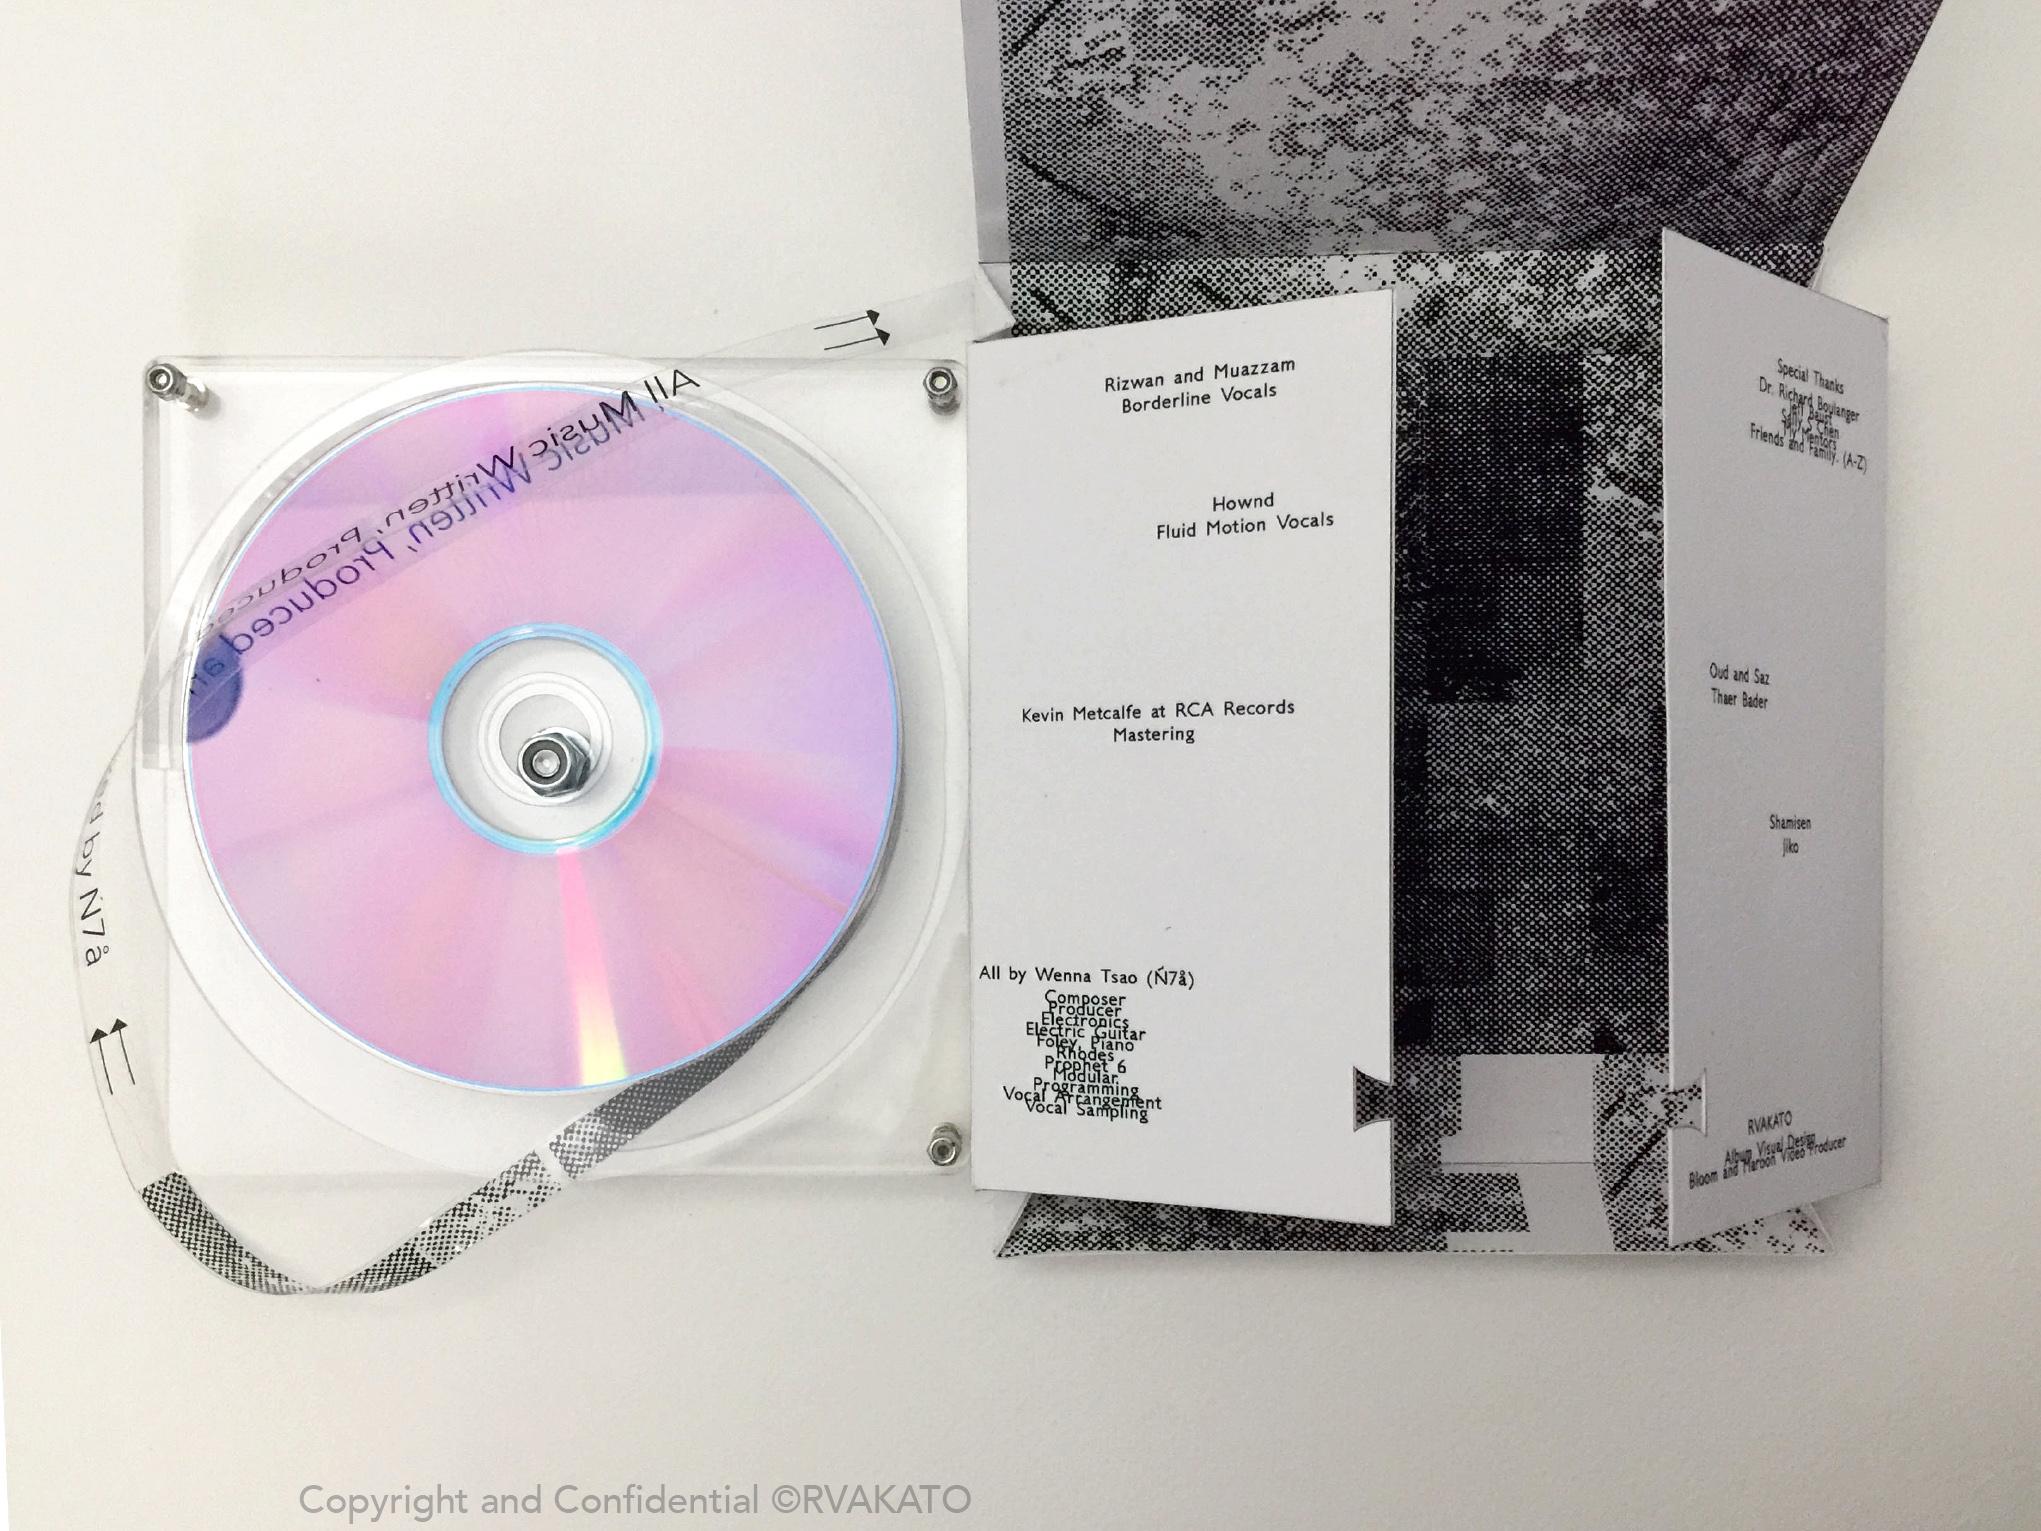 派樂黛唱片極力推薦 電音新星Ń7ä首張全創作概念專輯《Panorama》 4